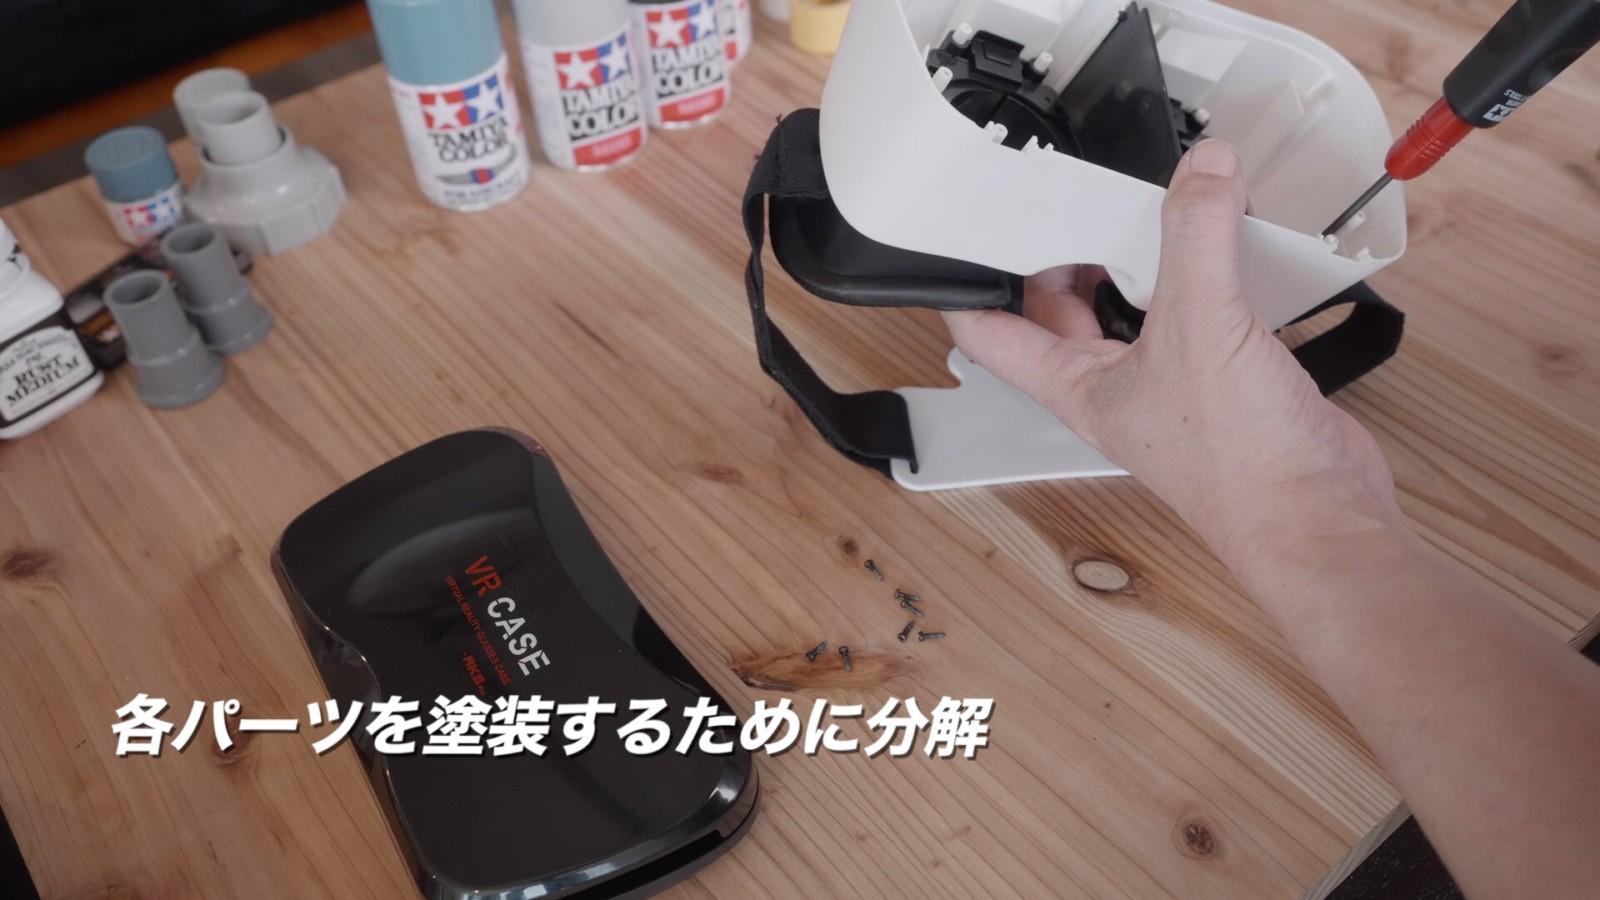 VRゴーグルをSFガジェット風にリメイク